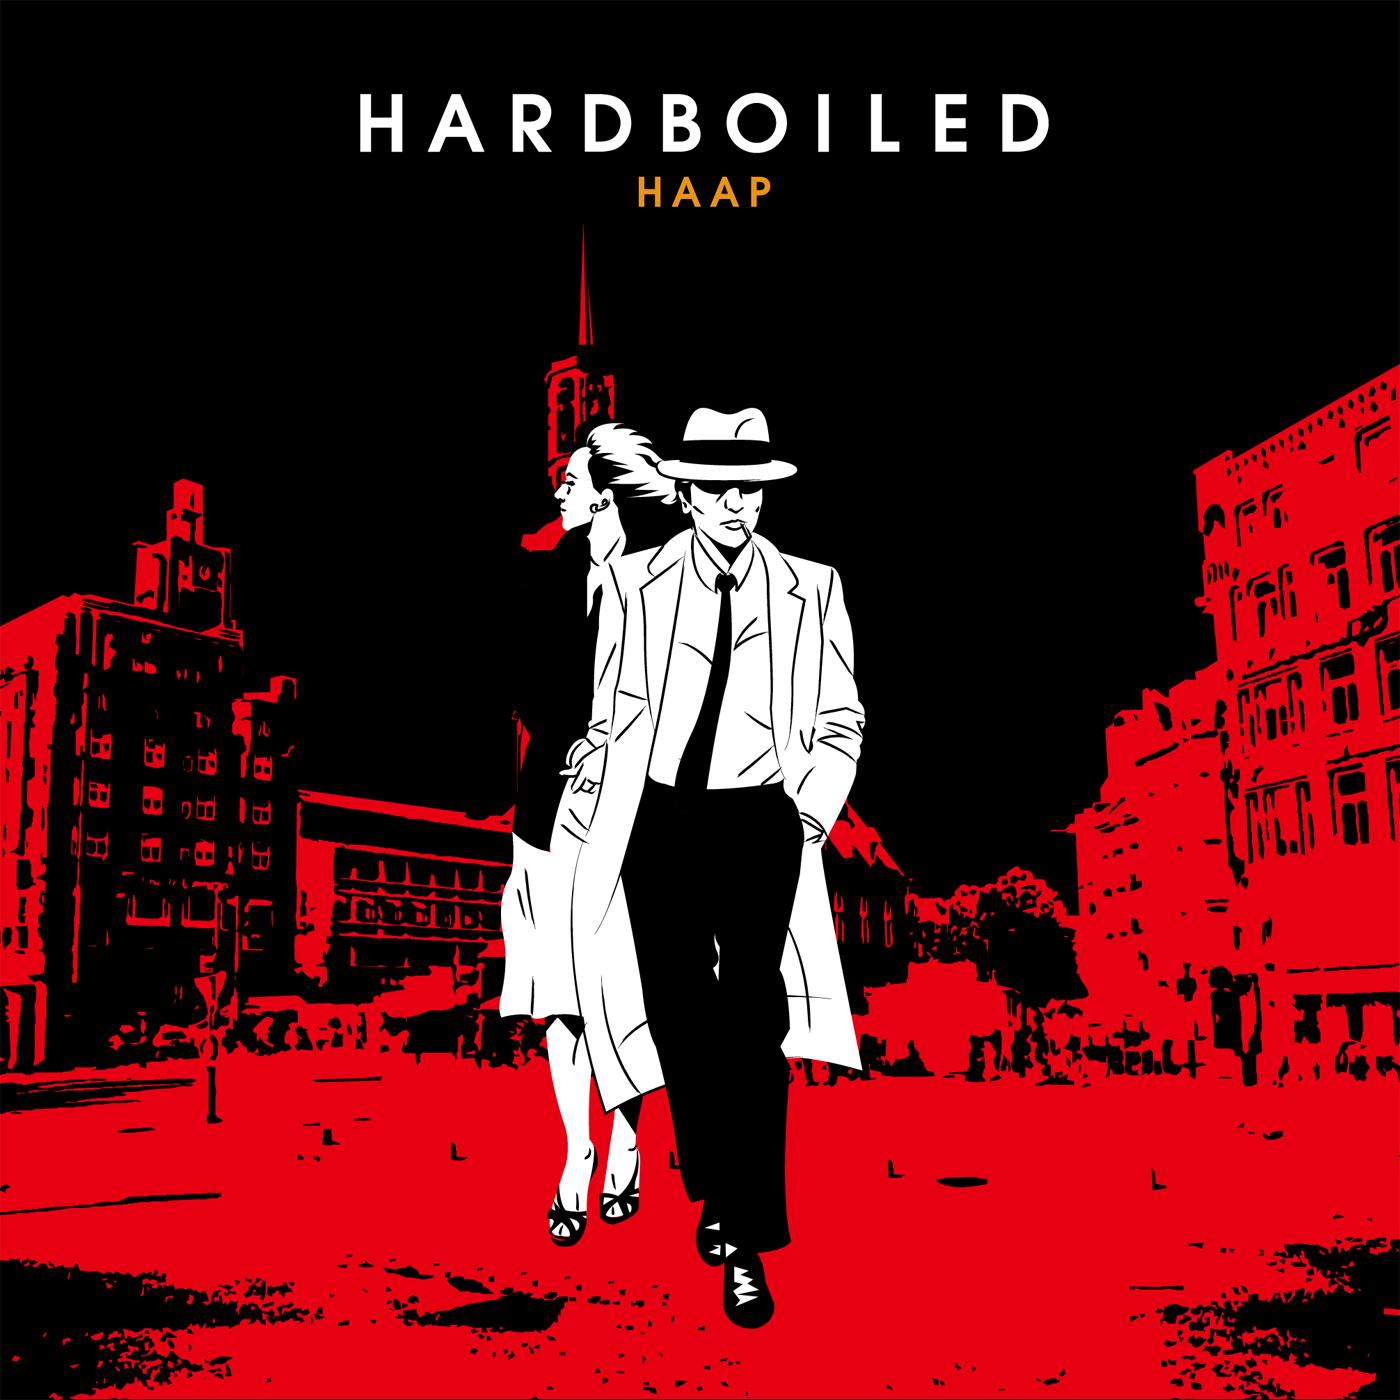 HAAP / HARDBOILED